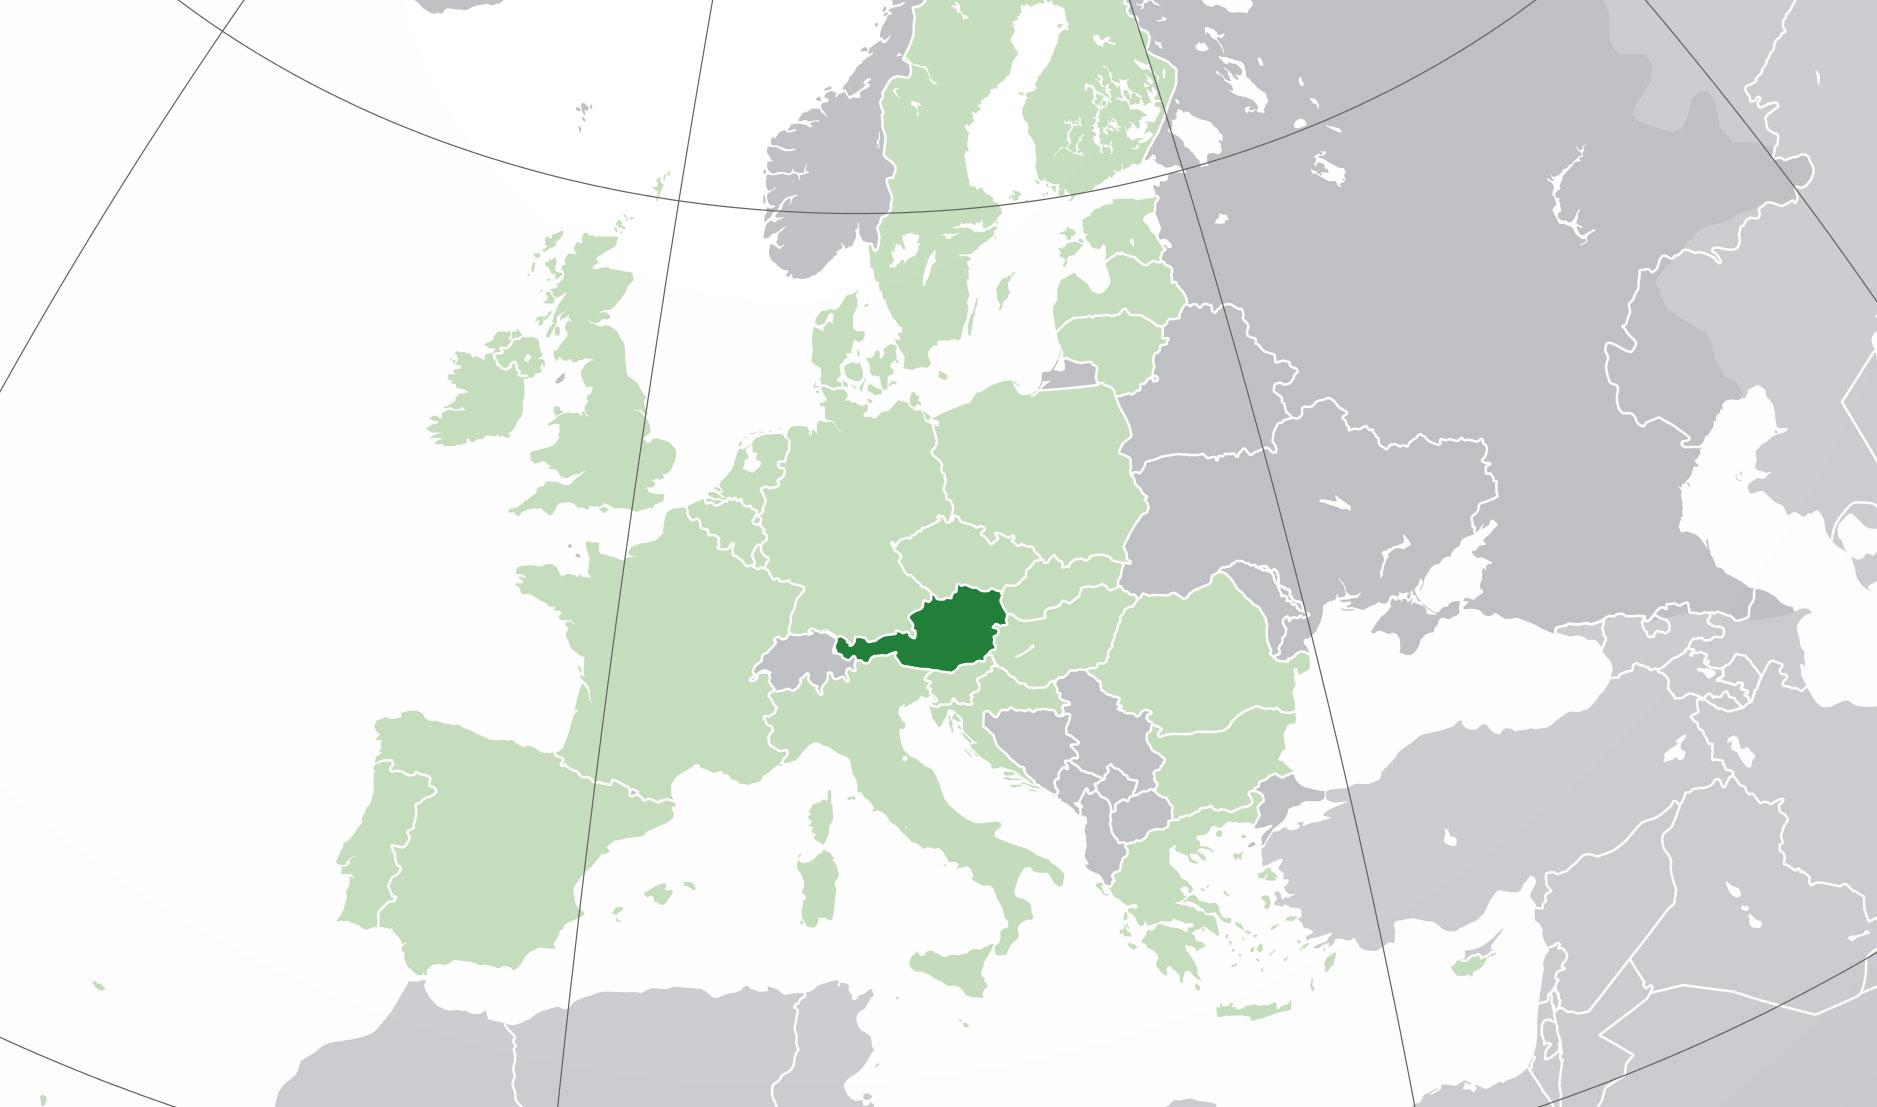 Localización geográfica de Austria